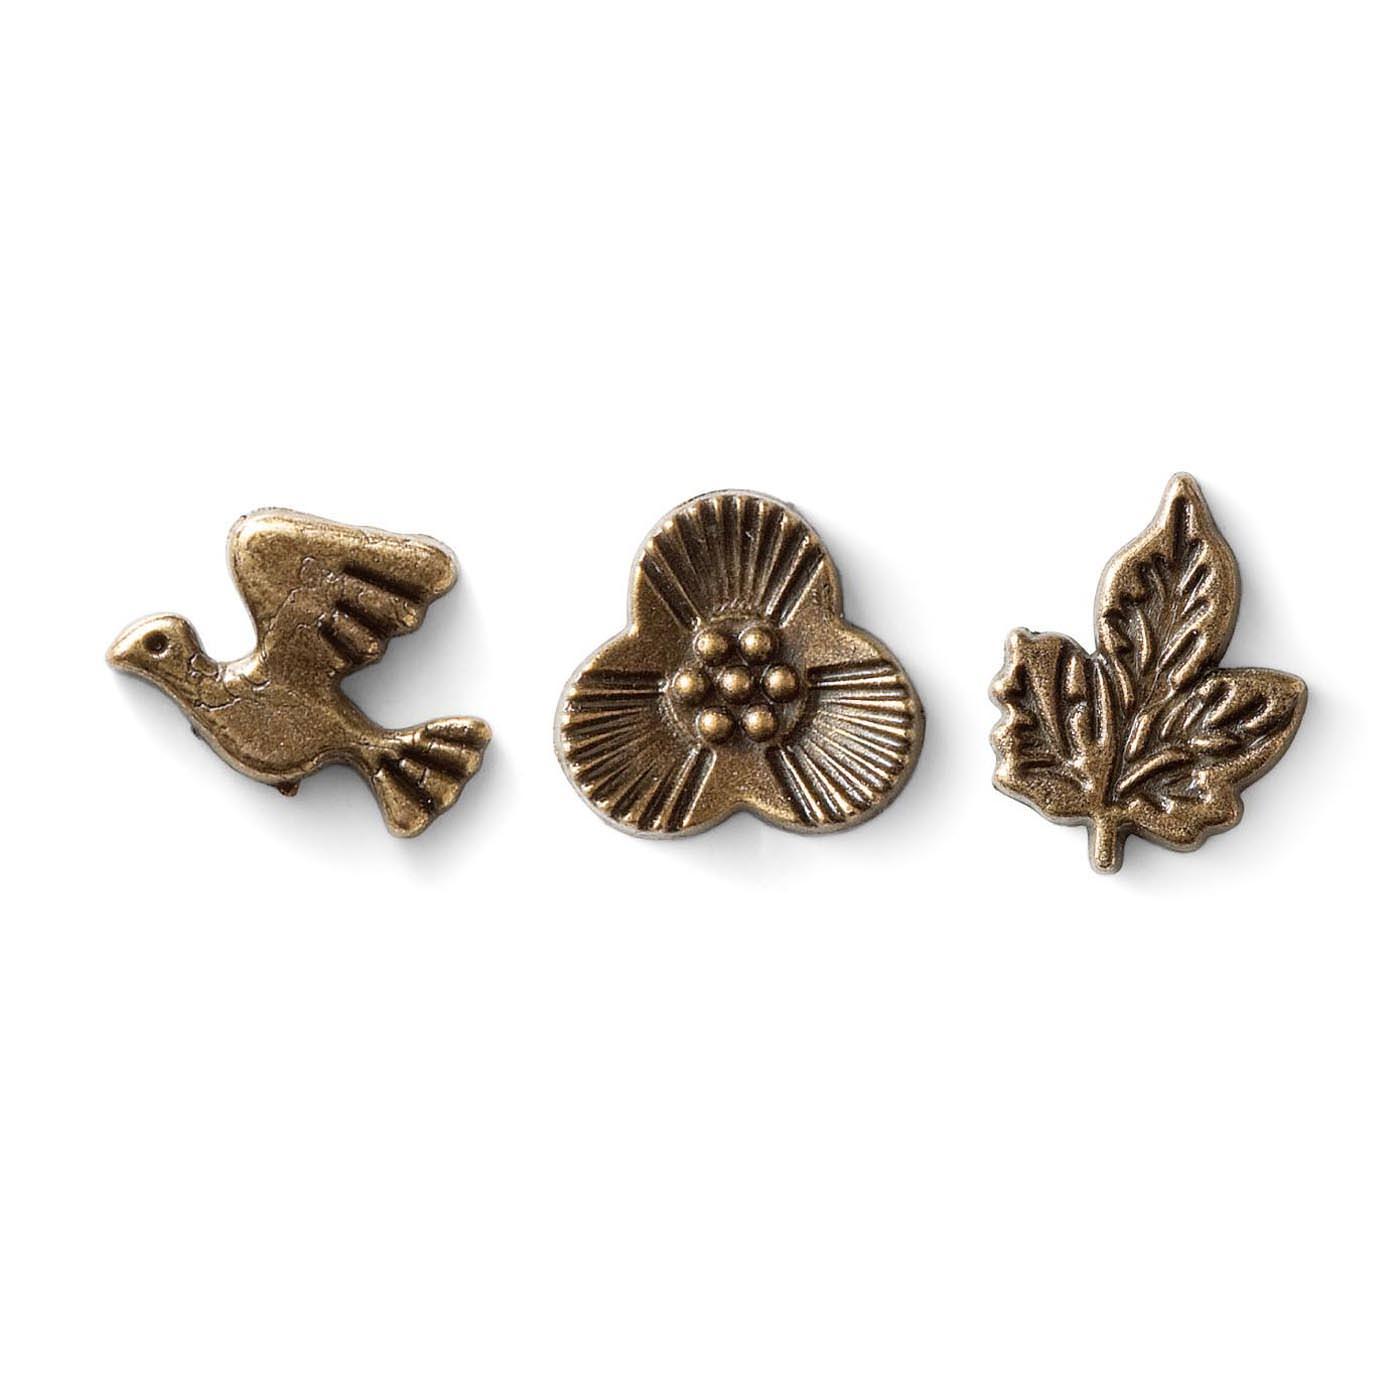 「鳥」「花」「葉」の3種類のチャームがアクセント。